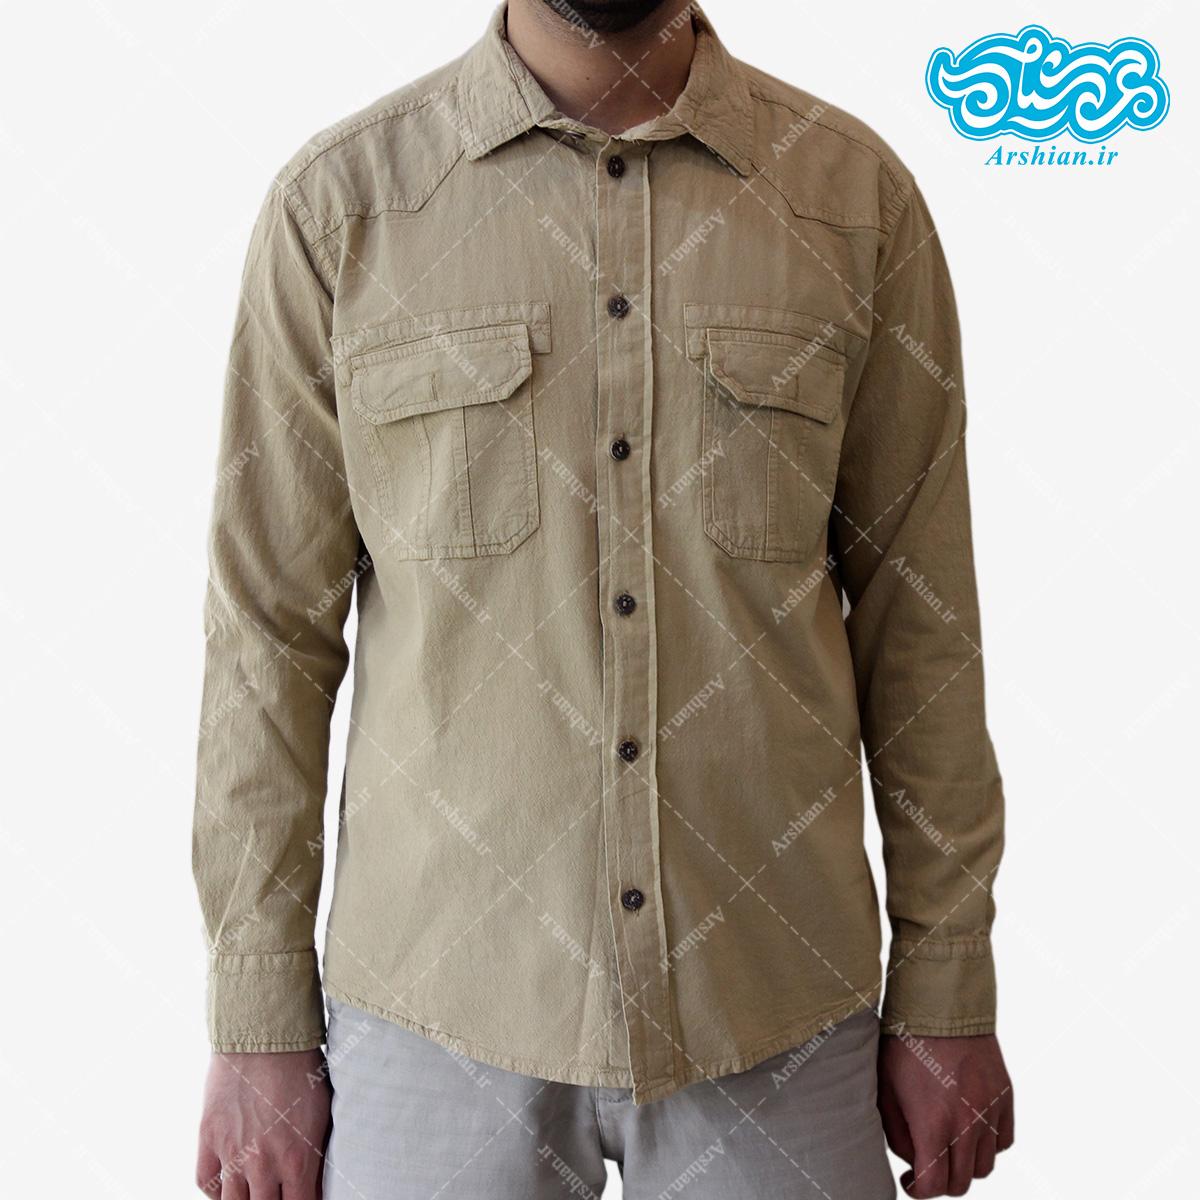 پیراهن الیاف طبیعی طرح دوجیب مدل sa001